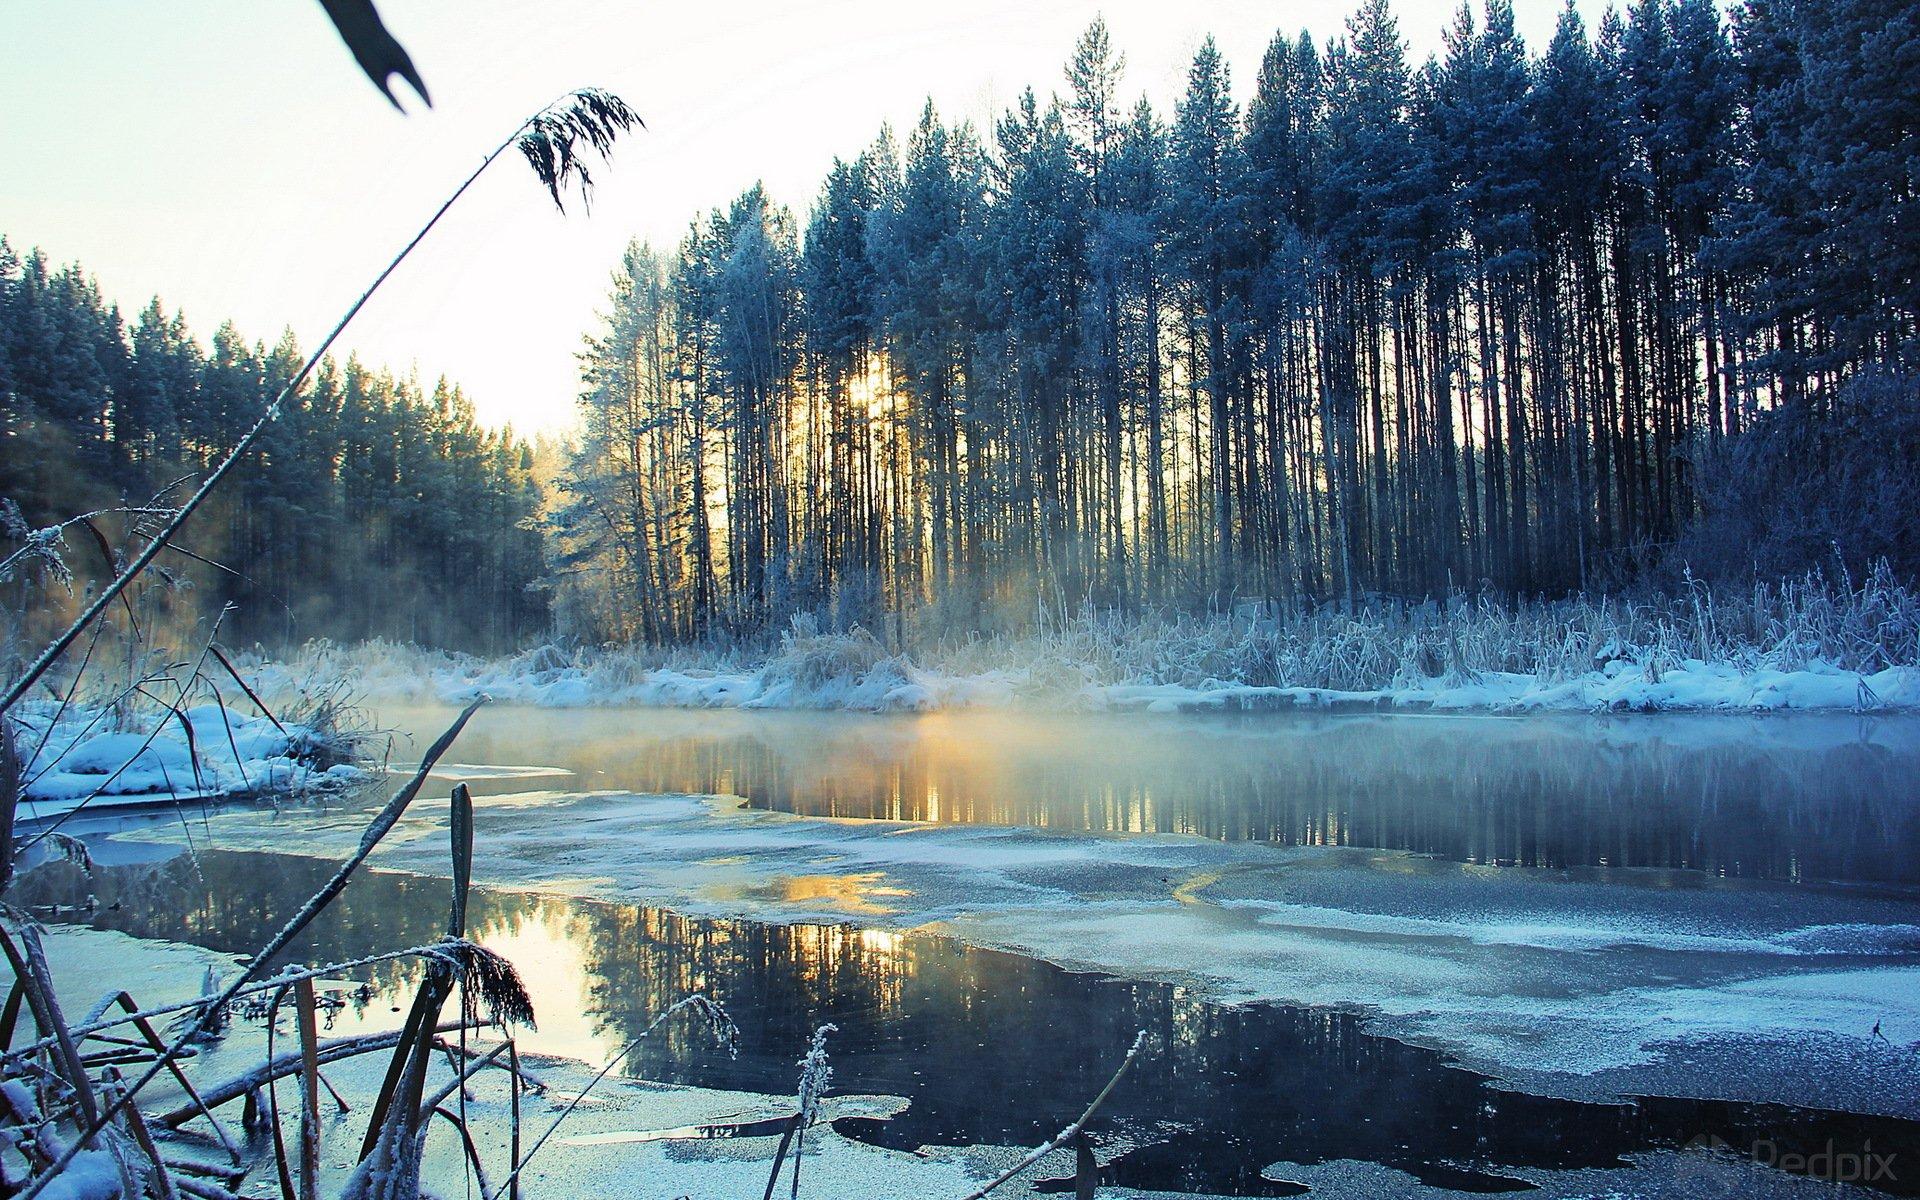 речка мороз зима the river frost winter  № 456382 бесплатно